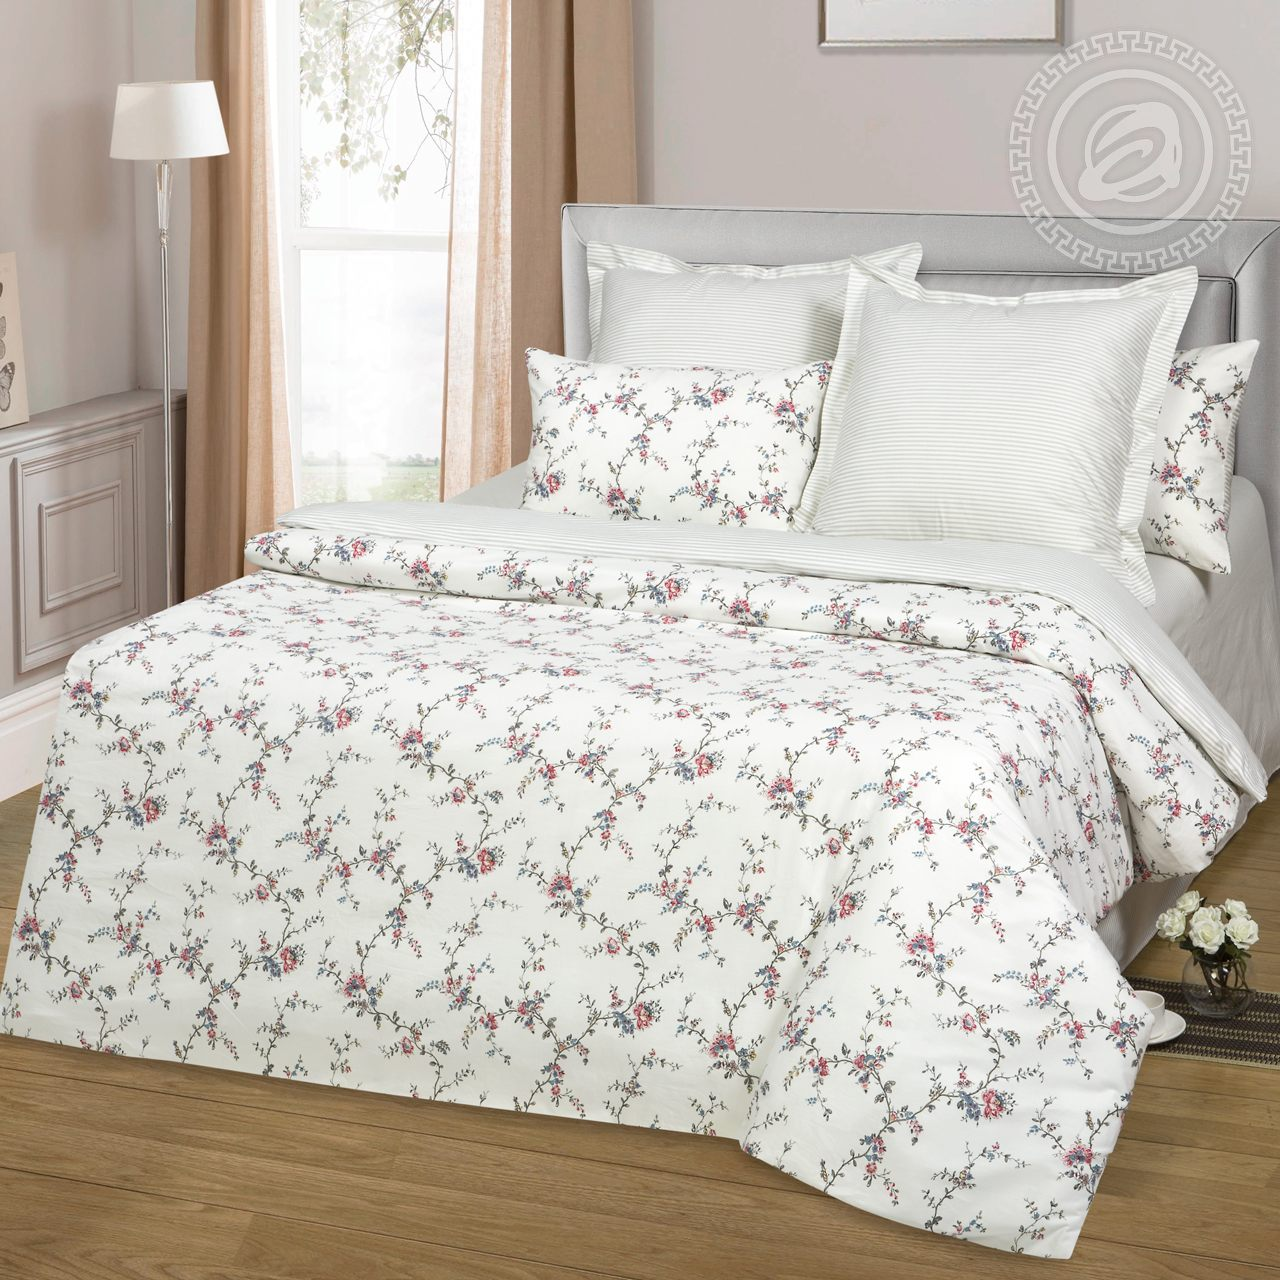 Постельное белье Малбери (сатин) (1,5 спальный) постельное белье орсе сатин 1 5 спальный